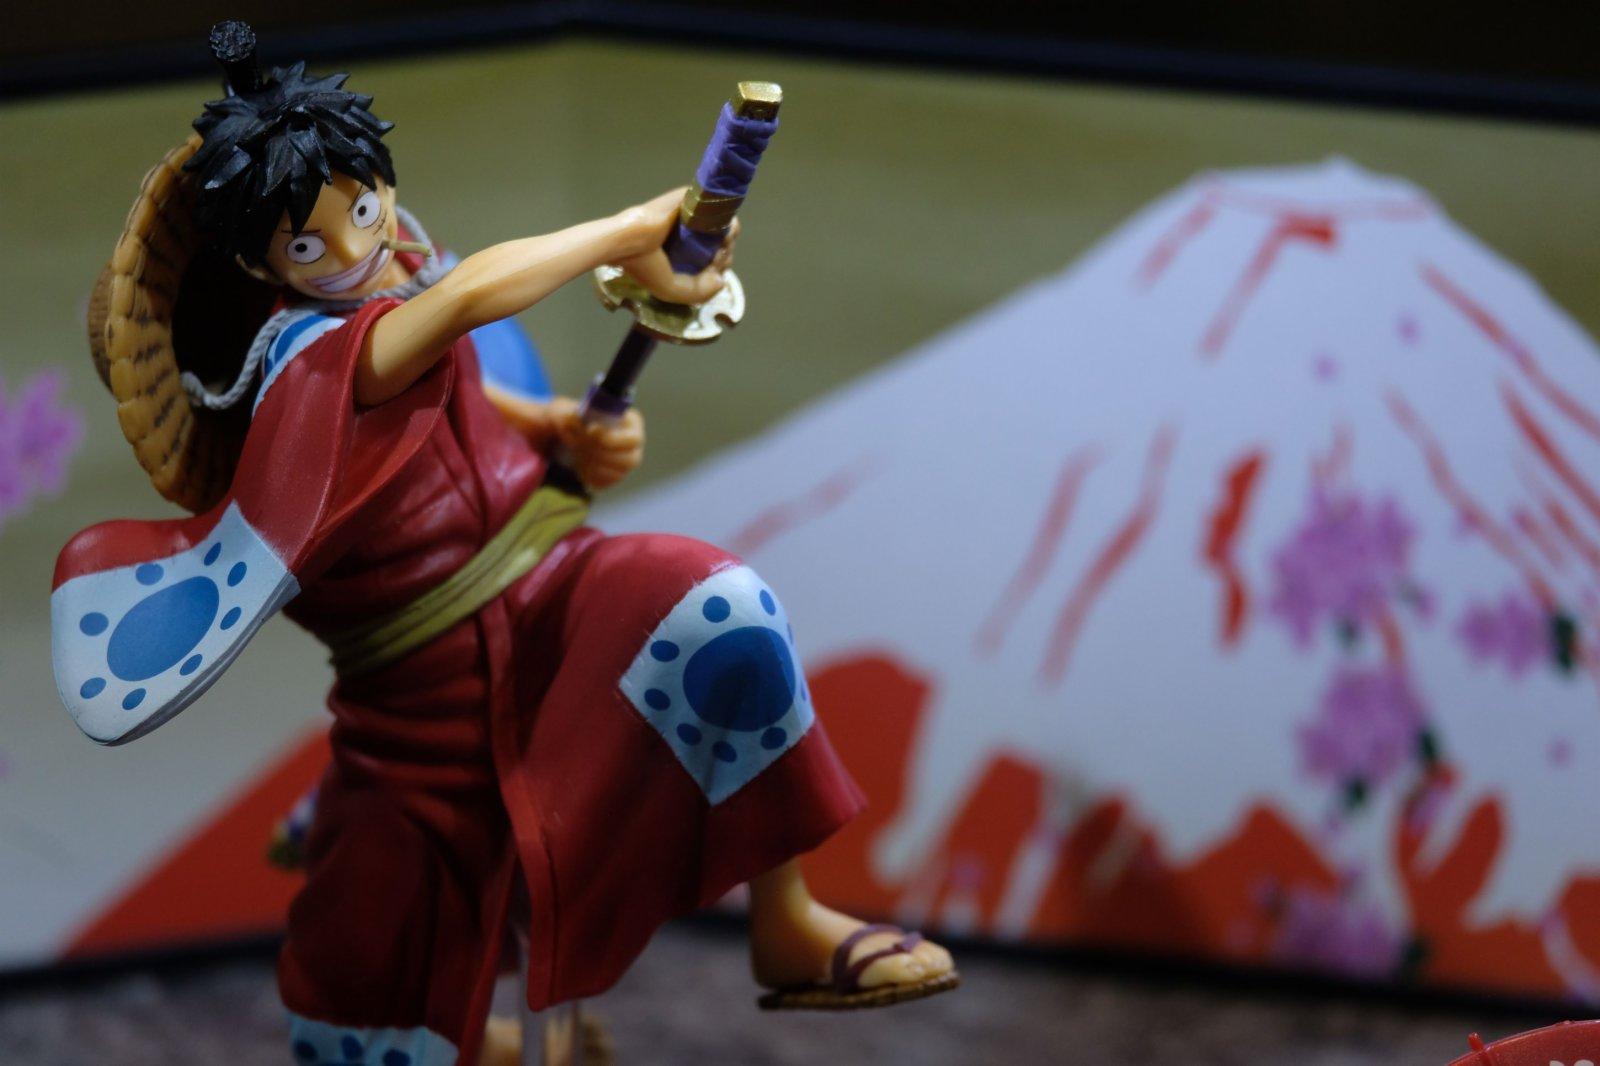 粉絲可步入日式小巷,欣賞一系列率先曝光的《One Piece》和之國篇章造型Figuarts ZERO Figure.